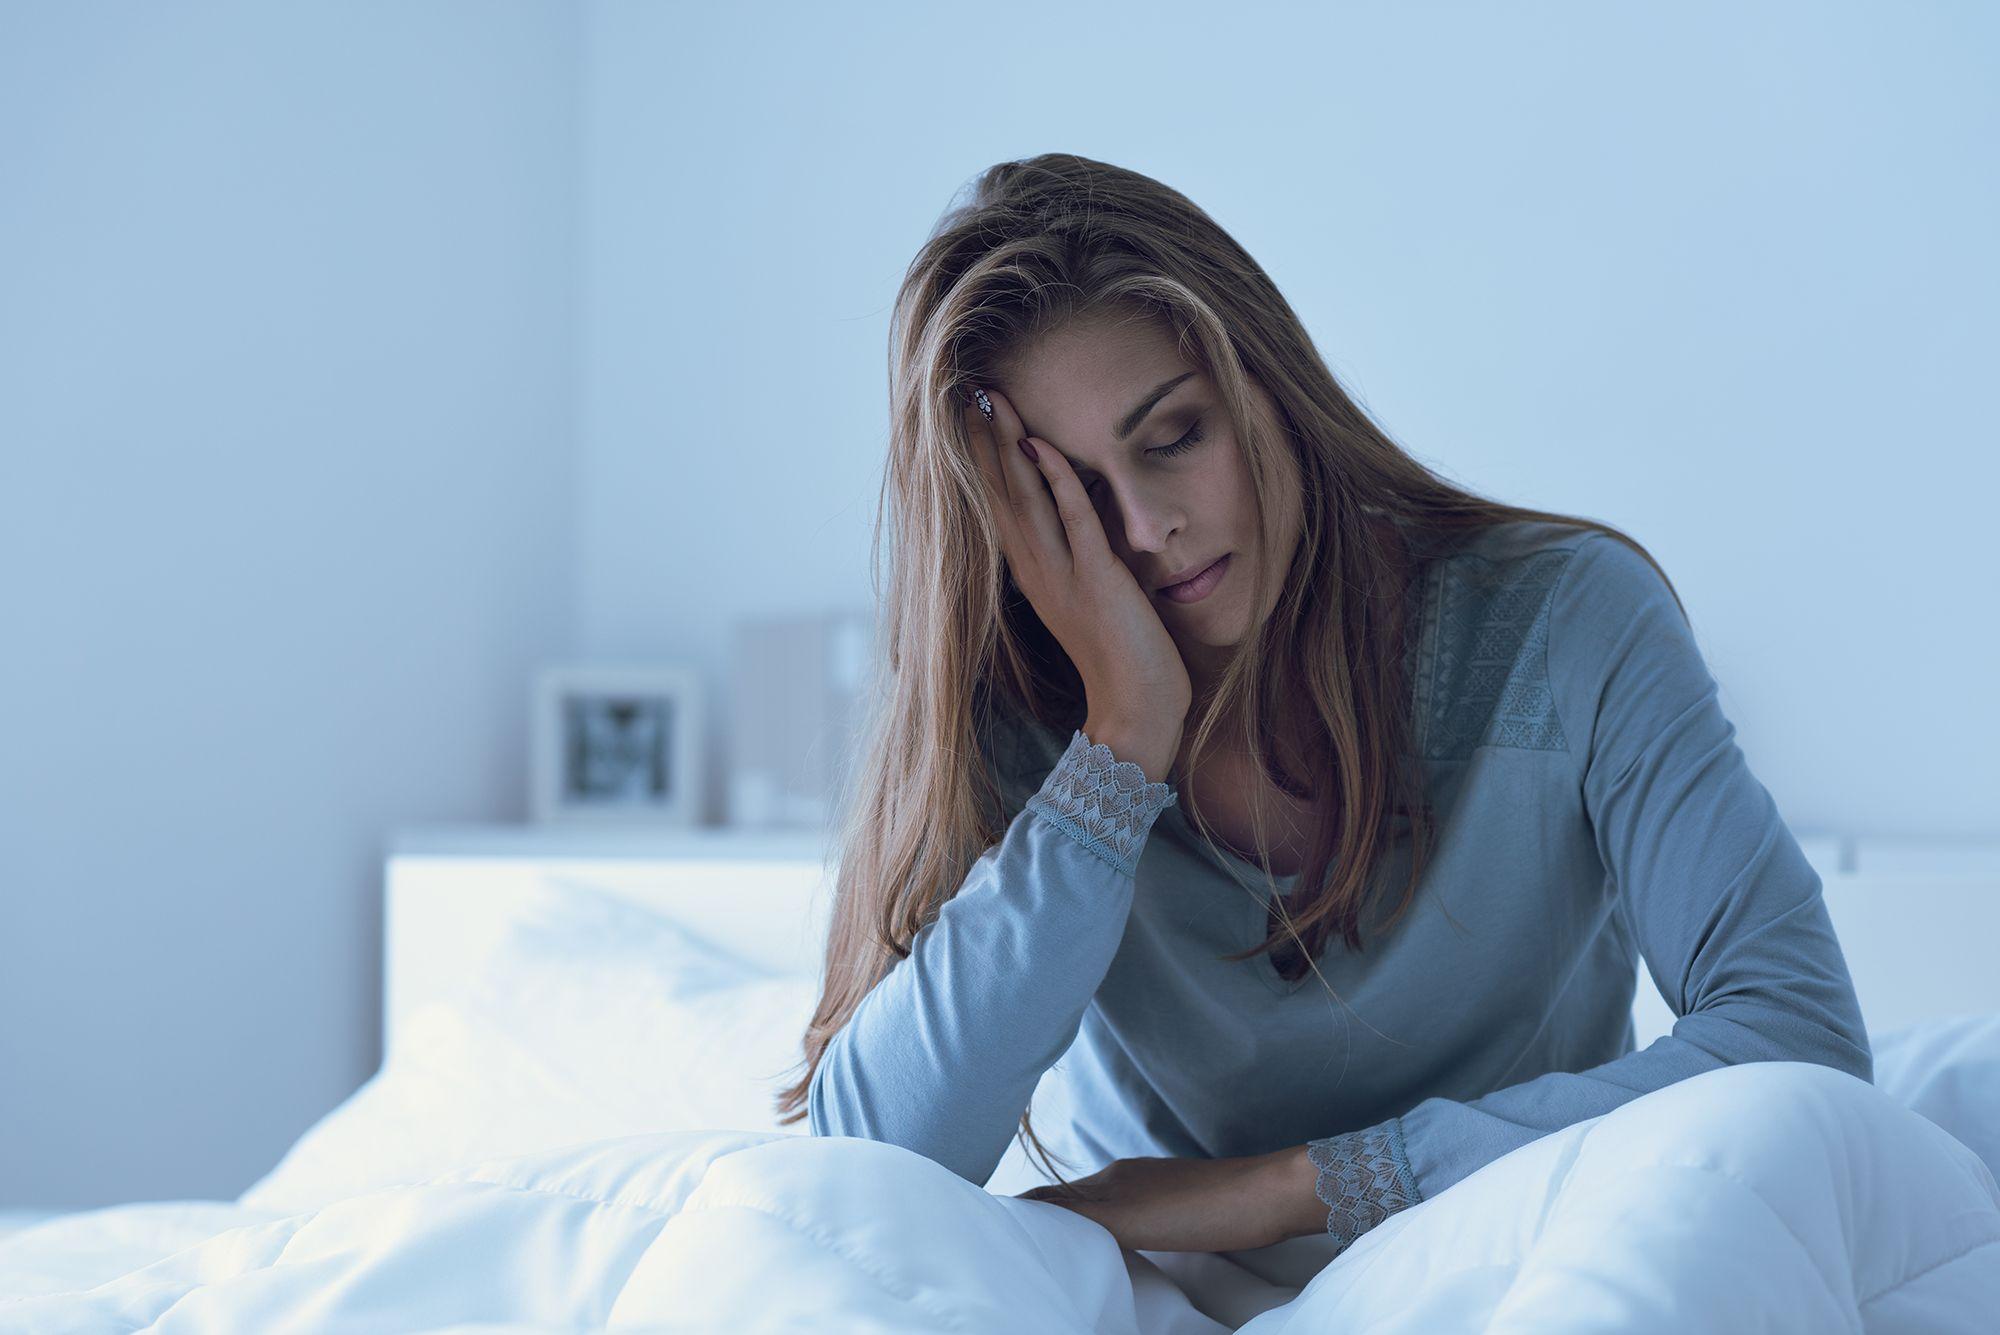 Če ne morete spati, to močno vpliva na vaše splošno počutje.